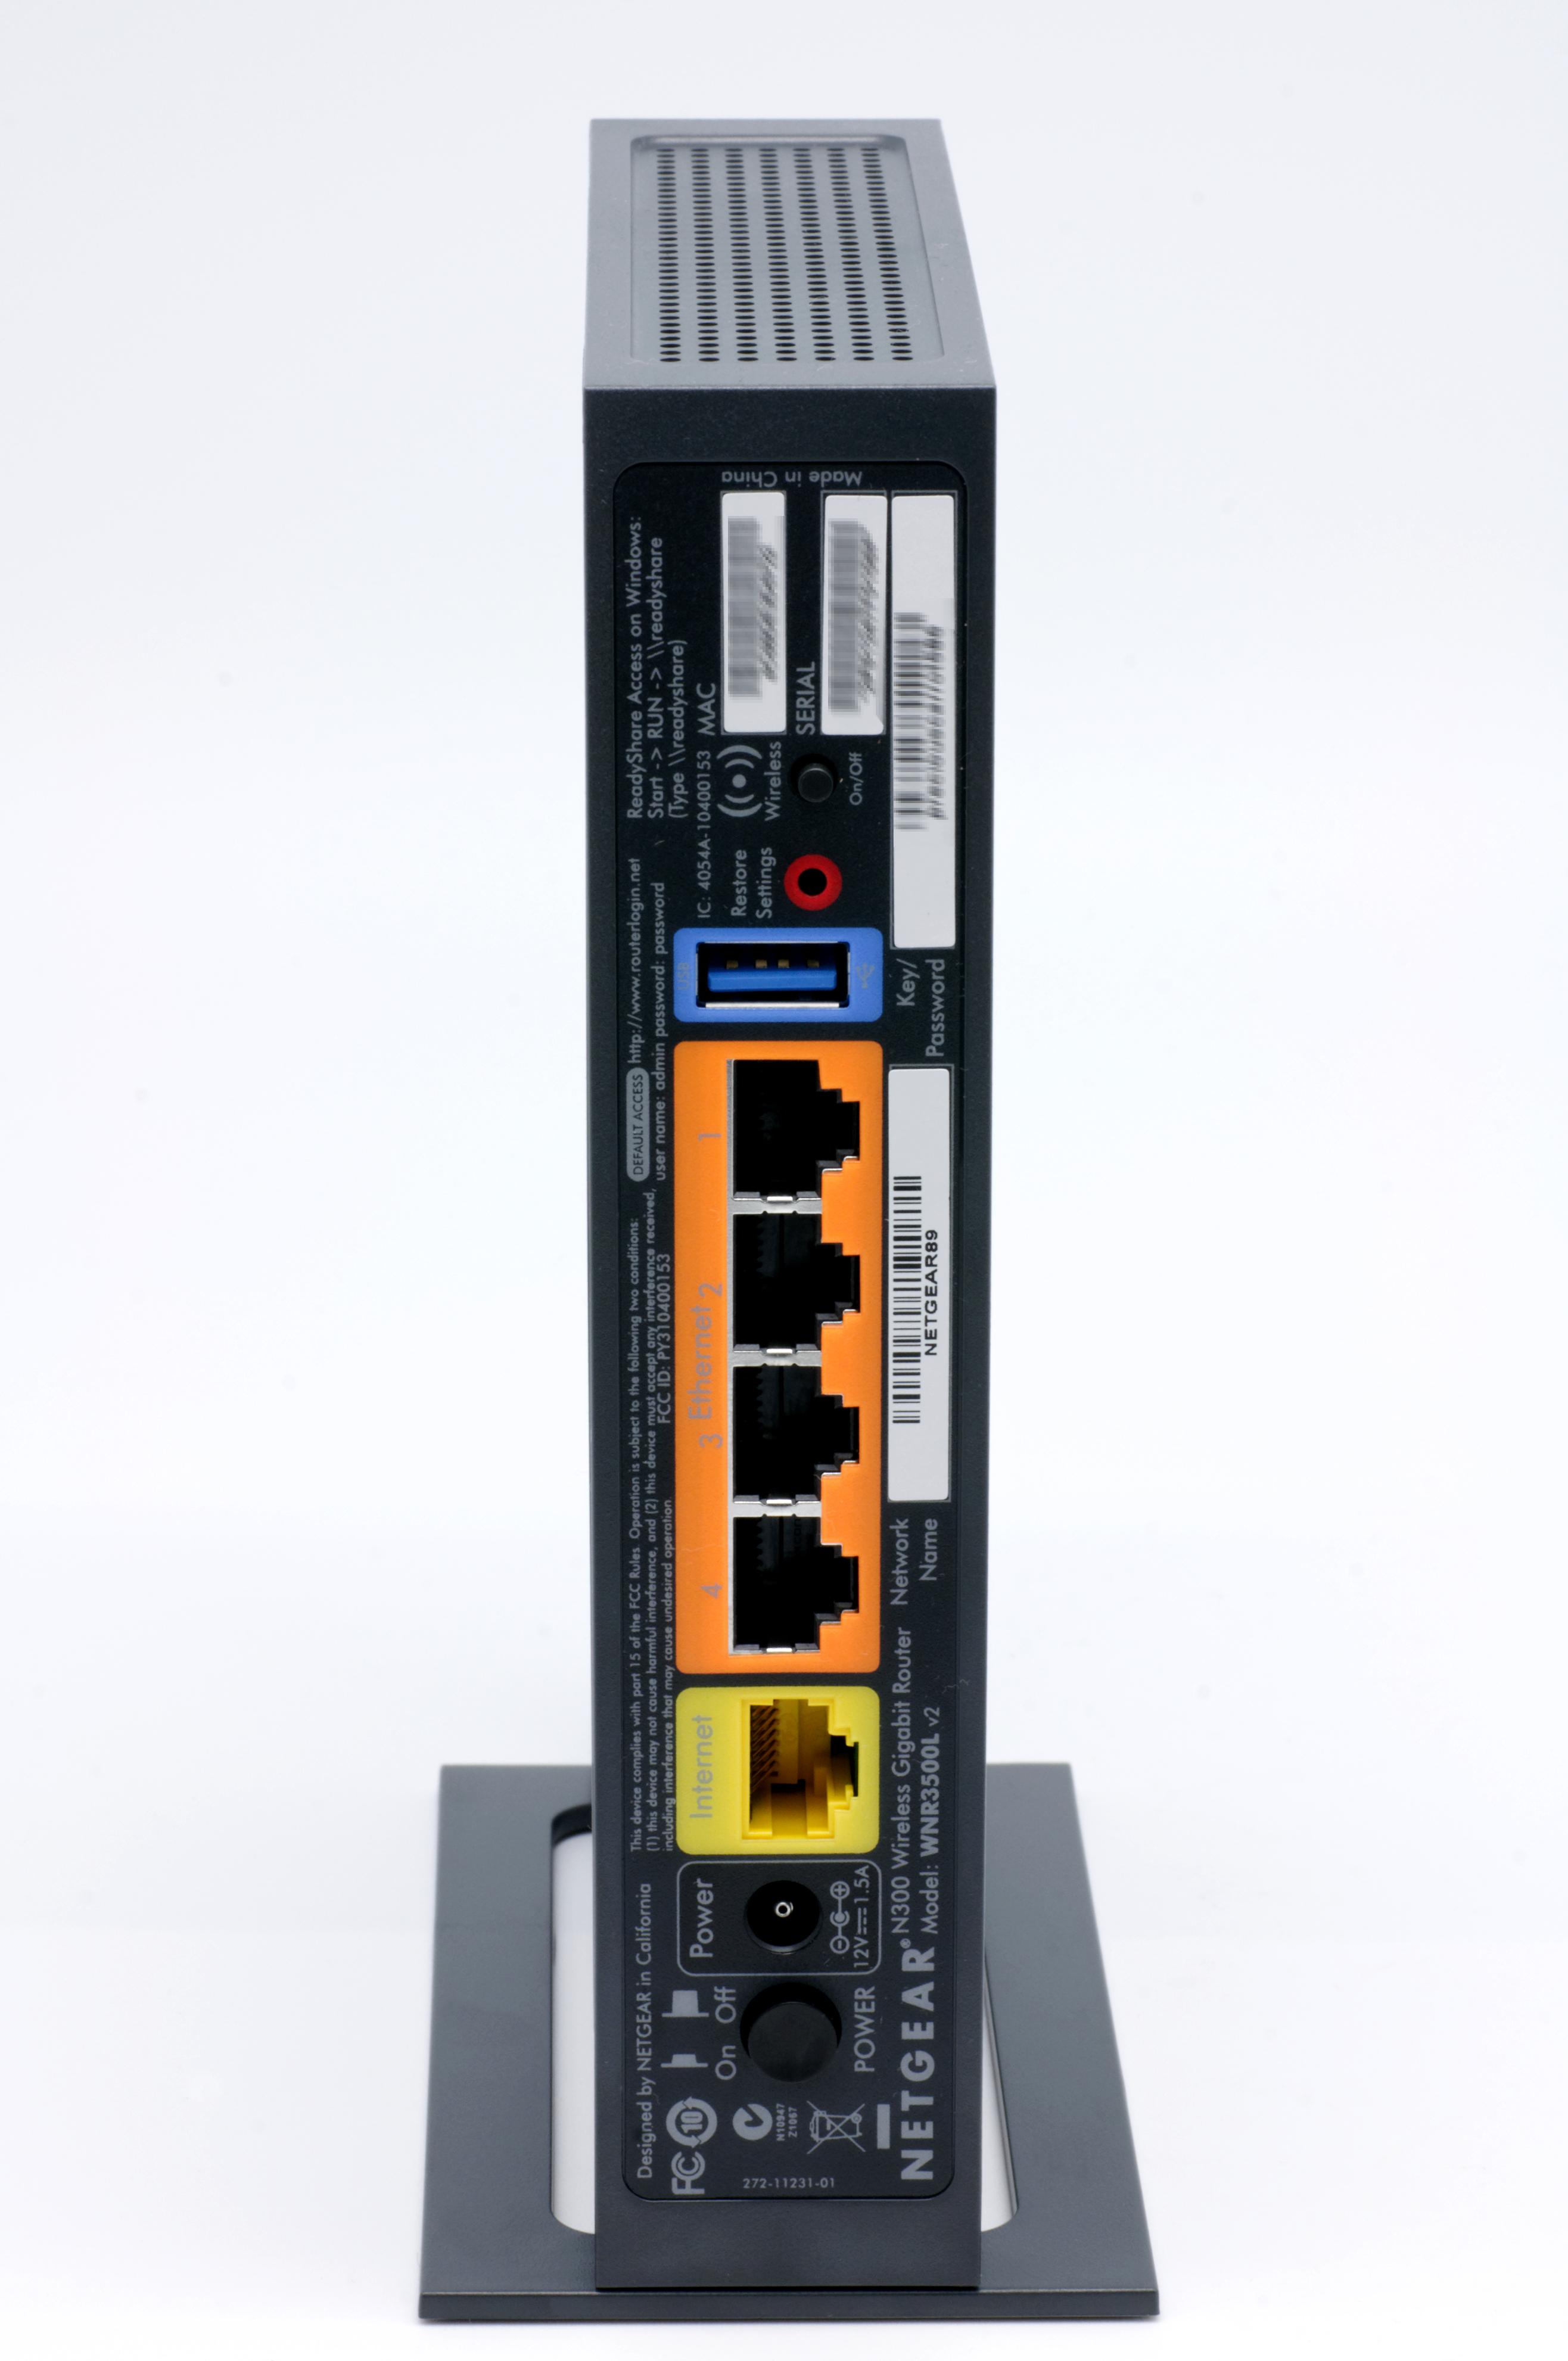 File:Netgear N300 wireless router n02.jpg - Wikimedia Commons